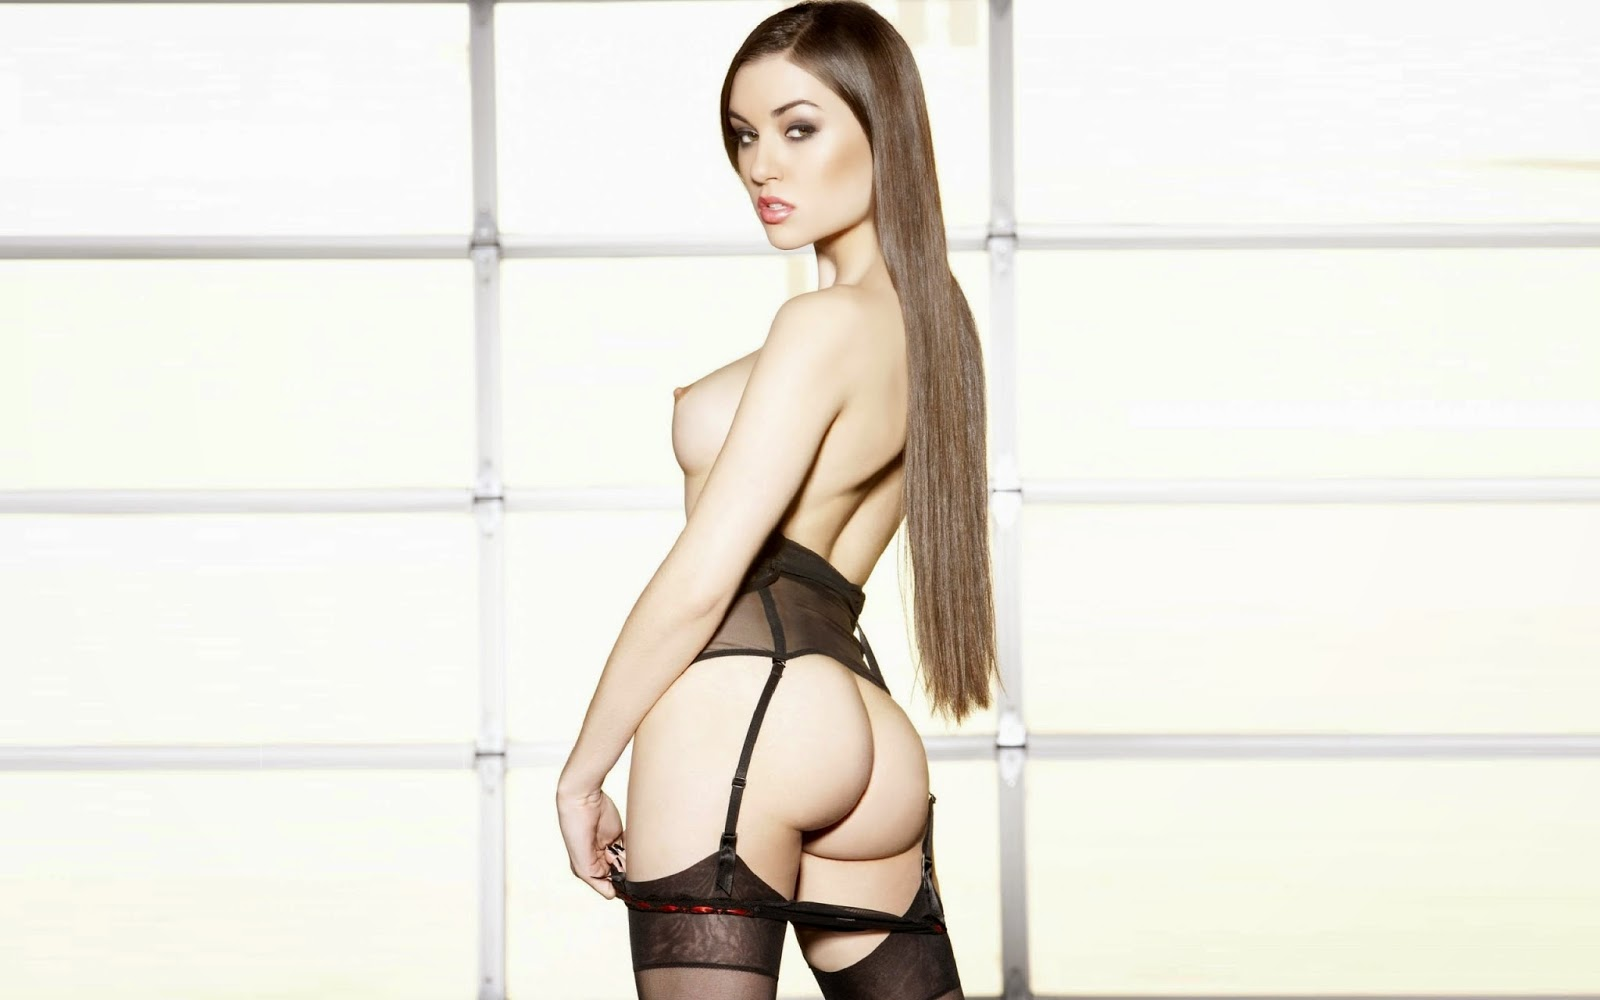 Wallpaper hot hd naked ass